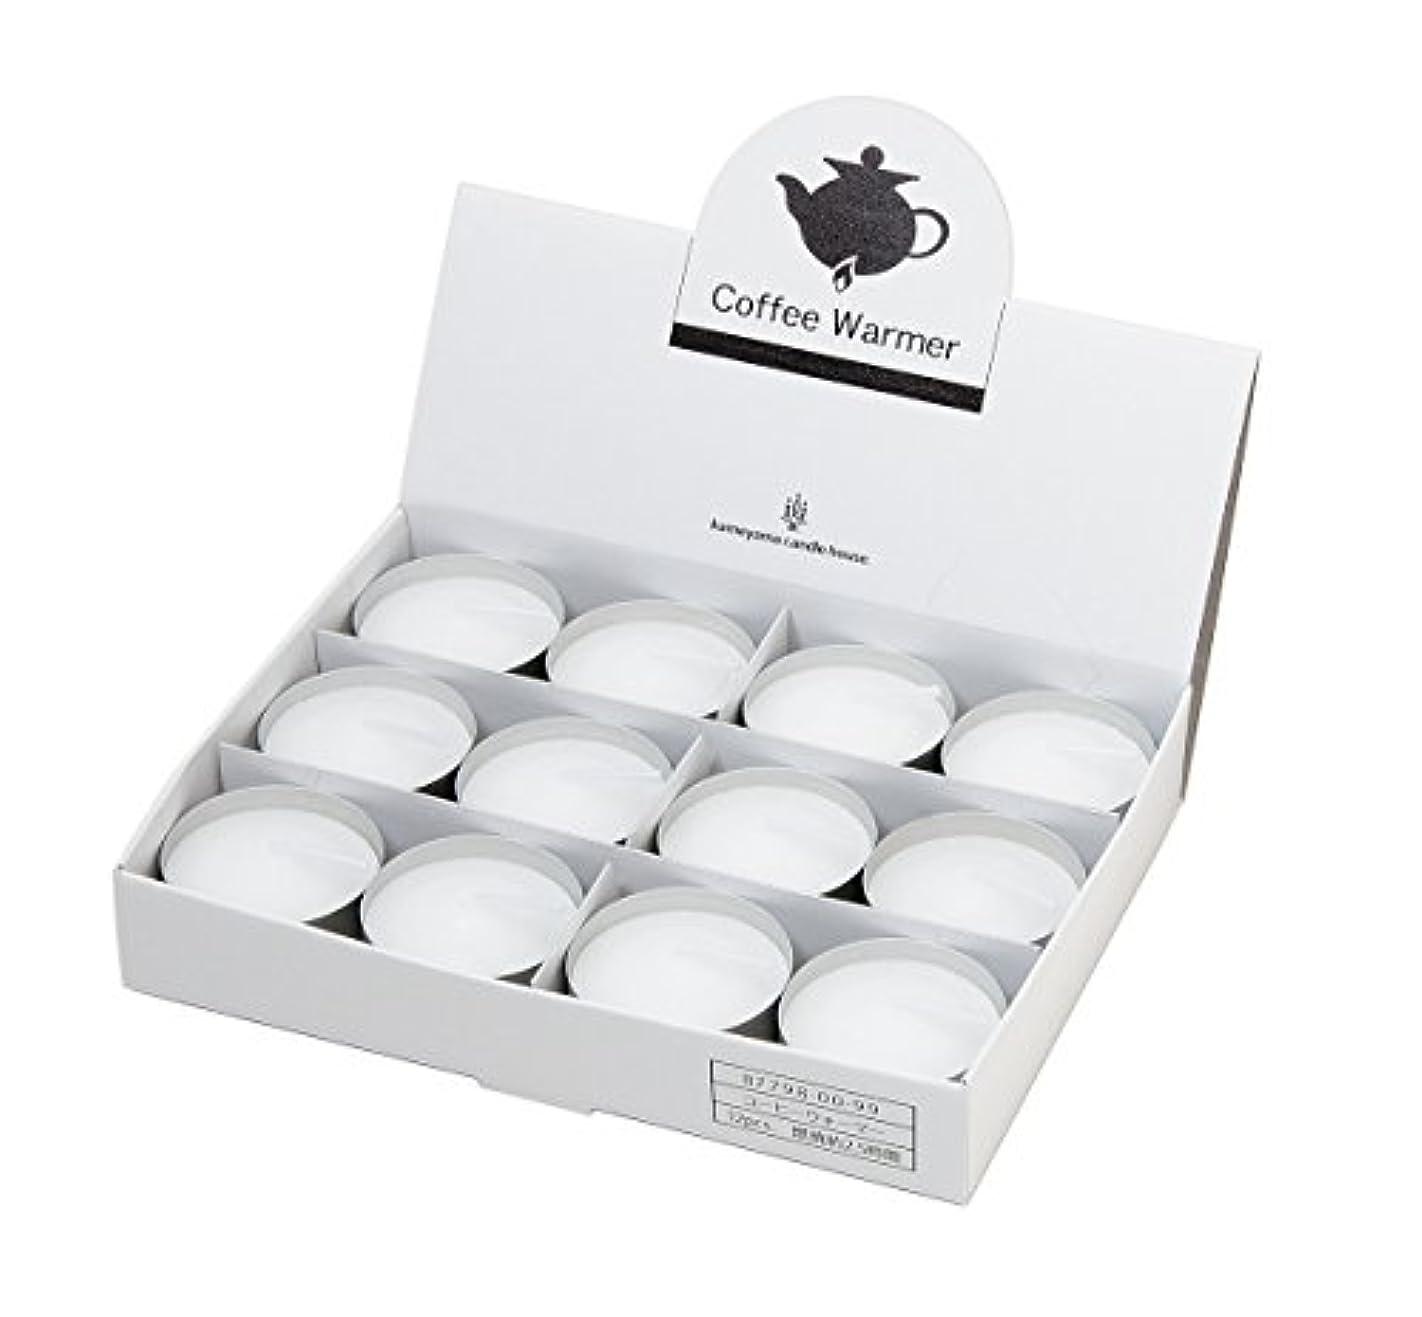 カメヤマキャンドルハウス チョコレートフォンデュなどにもおすすめ 大きめ炎で保温できる コーヒーウォーマーキャンドル(1箱12個入) 燃焼時間約2時間30分